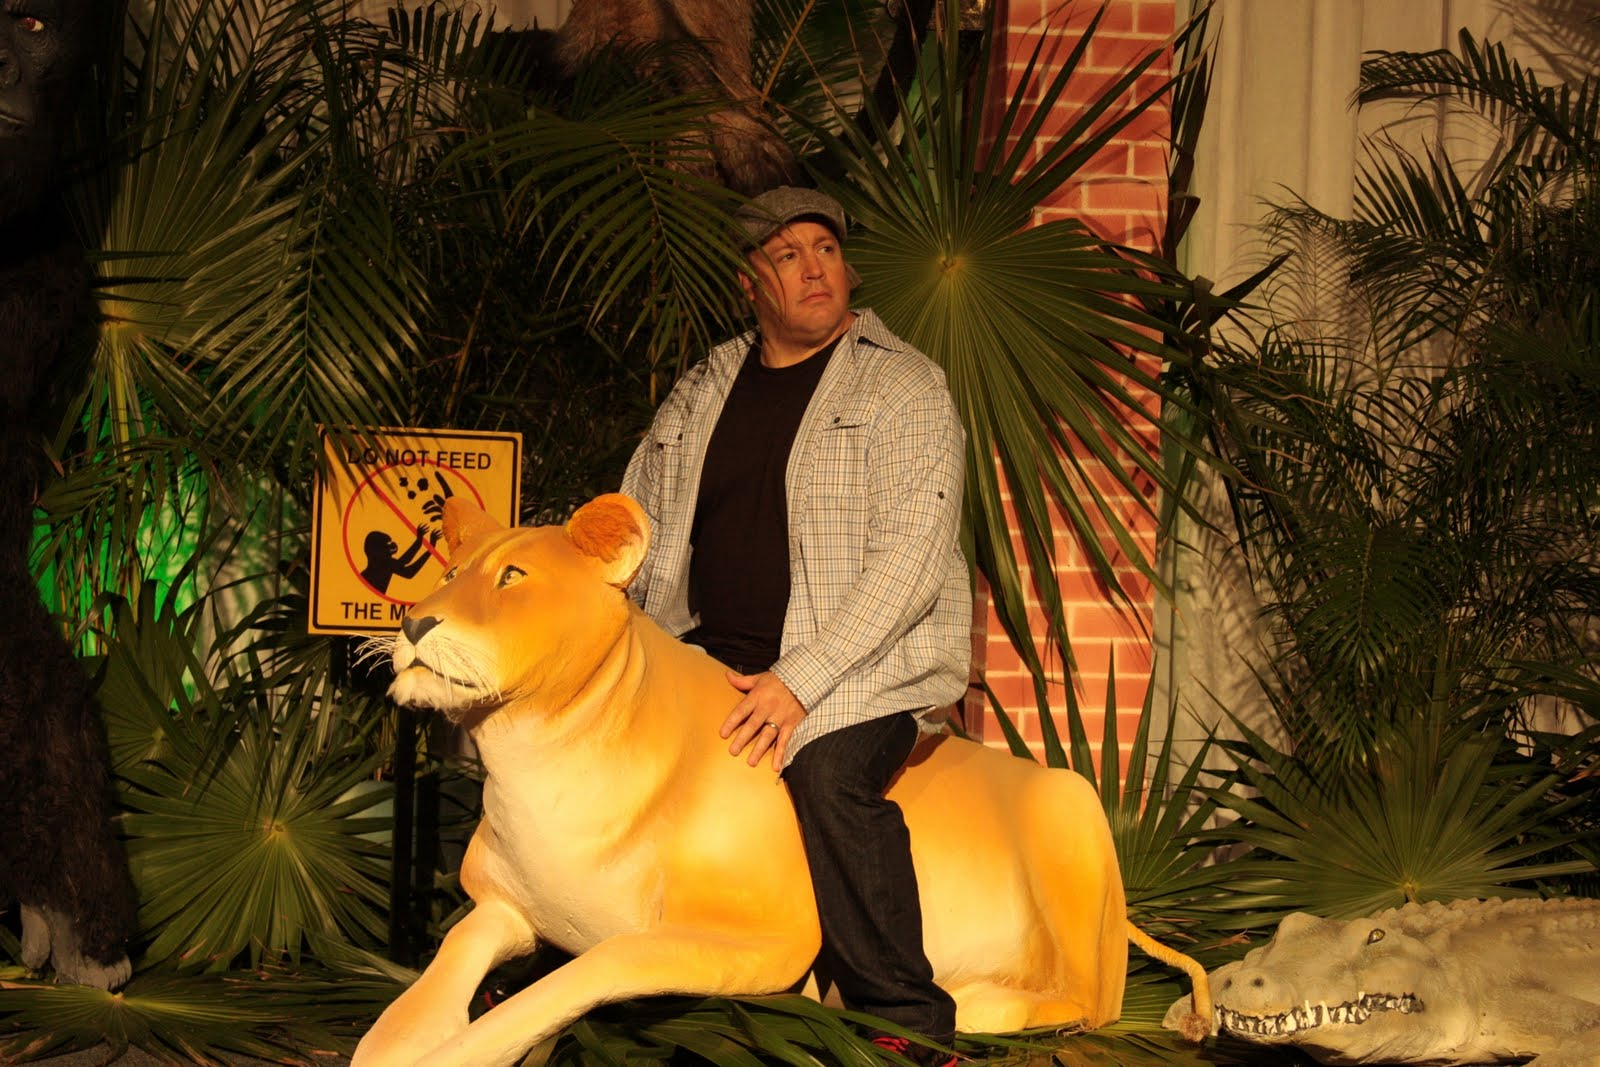 http://2.bp.blogspot.com/_yCouIIqTidg/TLEYBpqwmII/AAAAAAAAABU/a51CMTGXJ24/s1600/Zookeeper.jpg